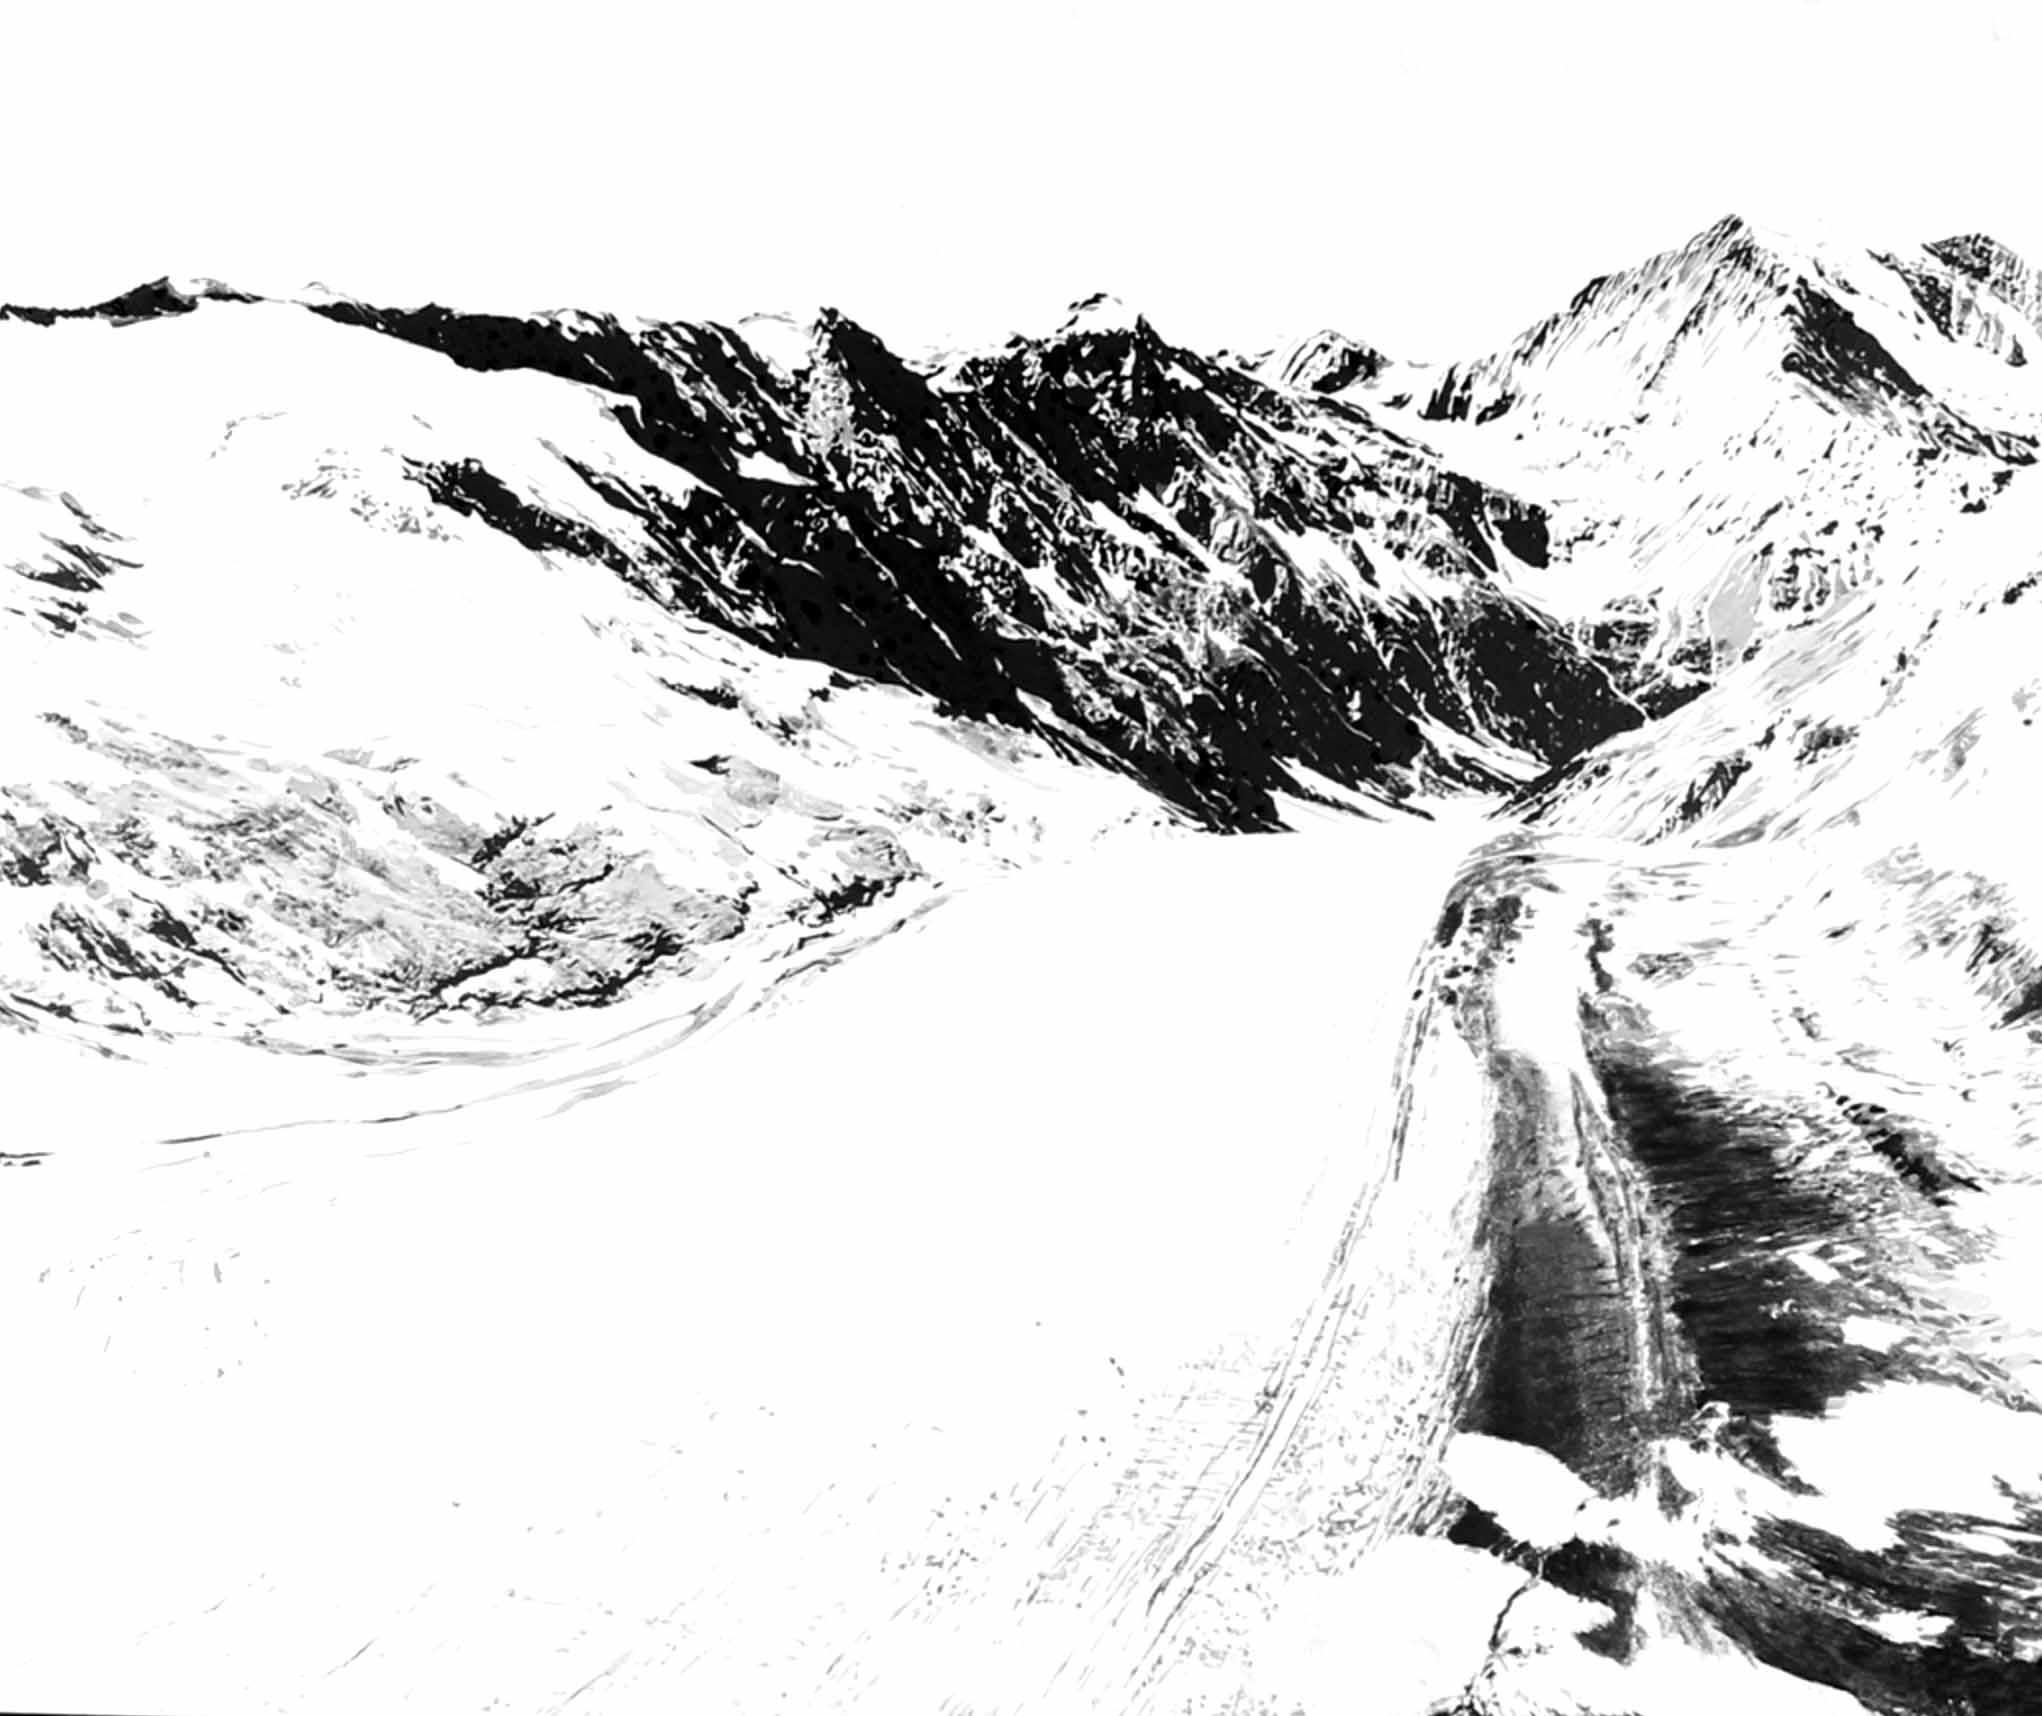 """"""" La Montagne magique """" - Encre de Chine avec rehauts de blanc sur papier Canson 1.00 X 0.75 - Collection Privée -"""